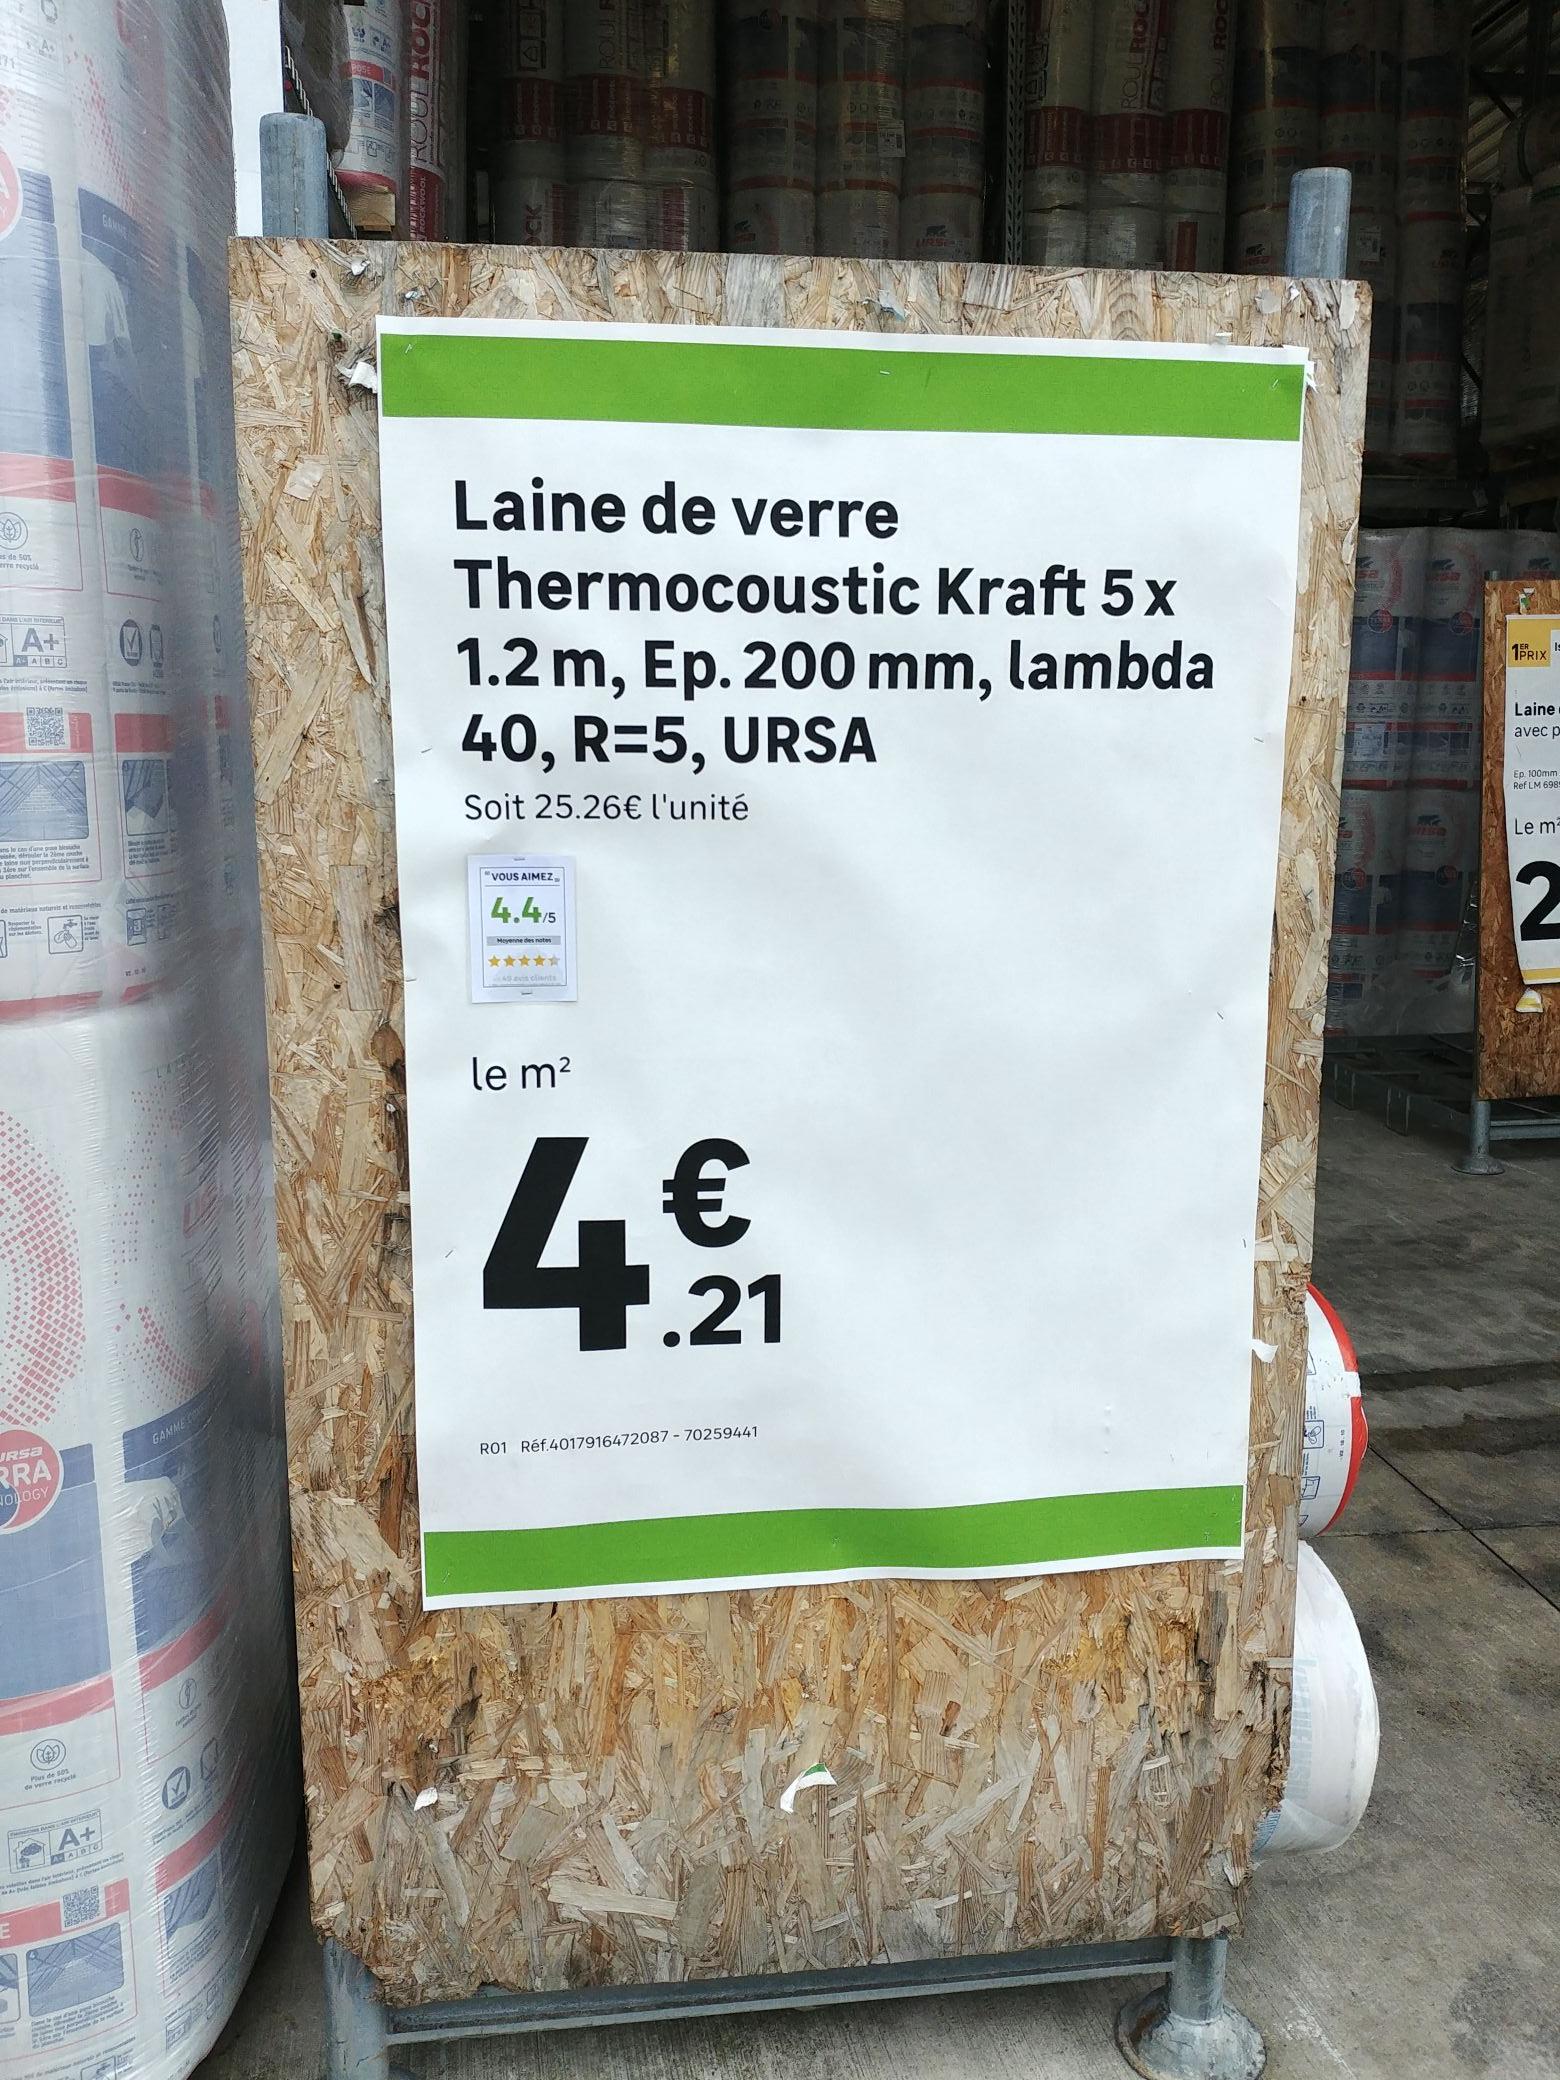 Laine de verre Thermocoustic Kraft Ursa - (5x1.2 m, épaisseur de 200 mm) - Andelnans (90)